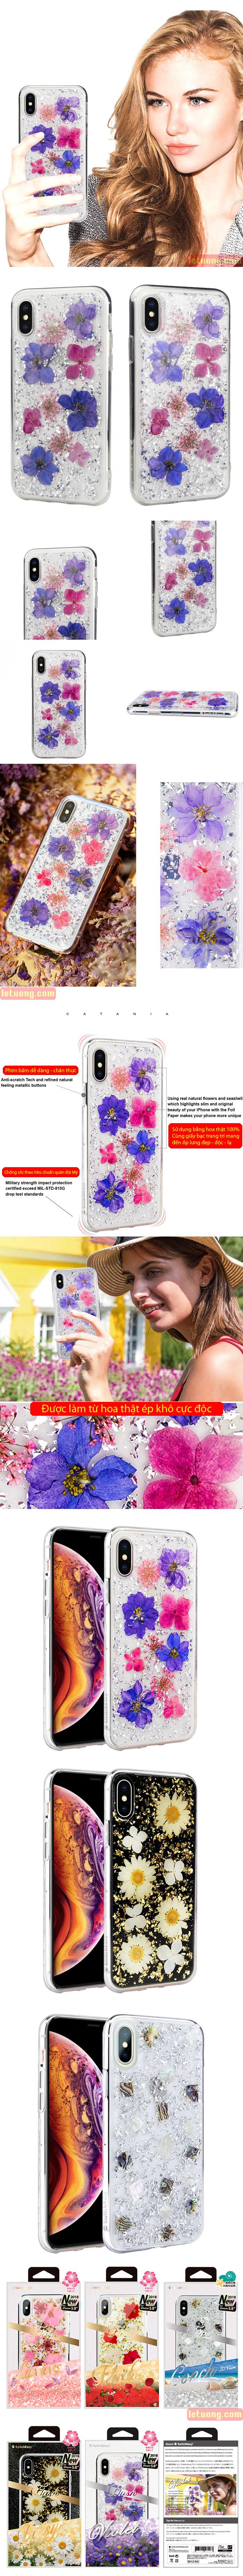 Ốp lưng iPhone Xs Max SwitchEasy Flash 3D - Hoa thật 100% cực độc 1